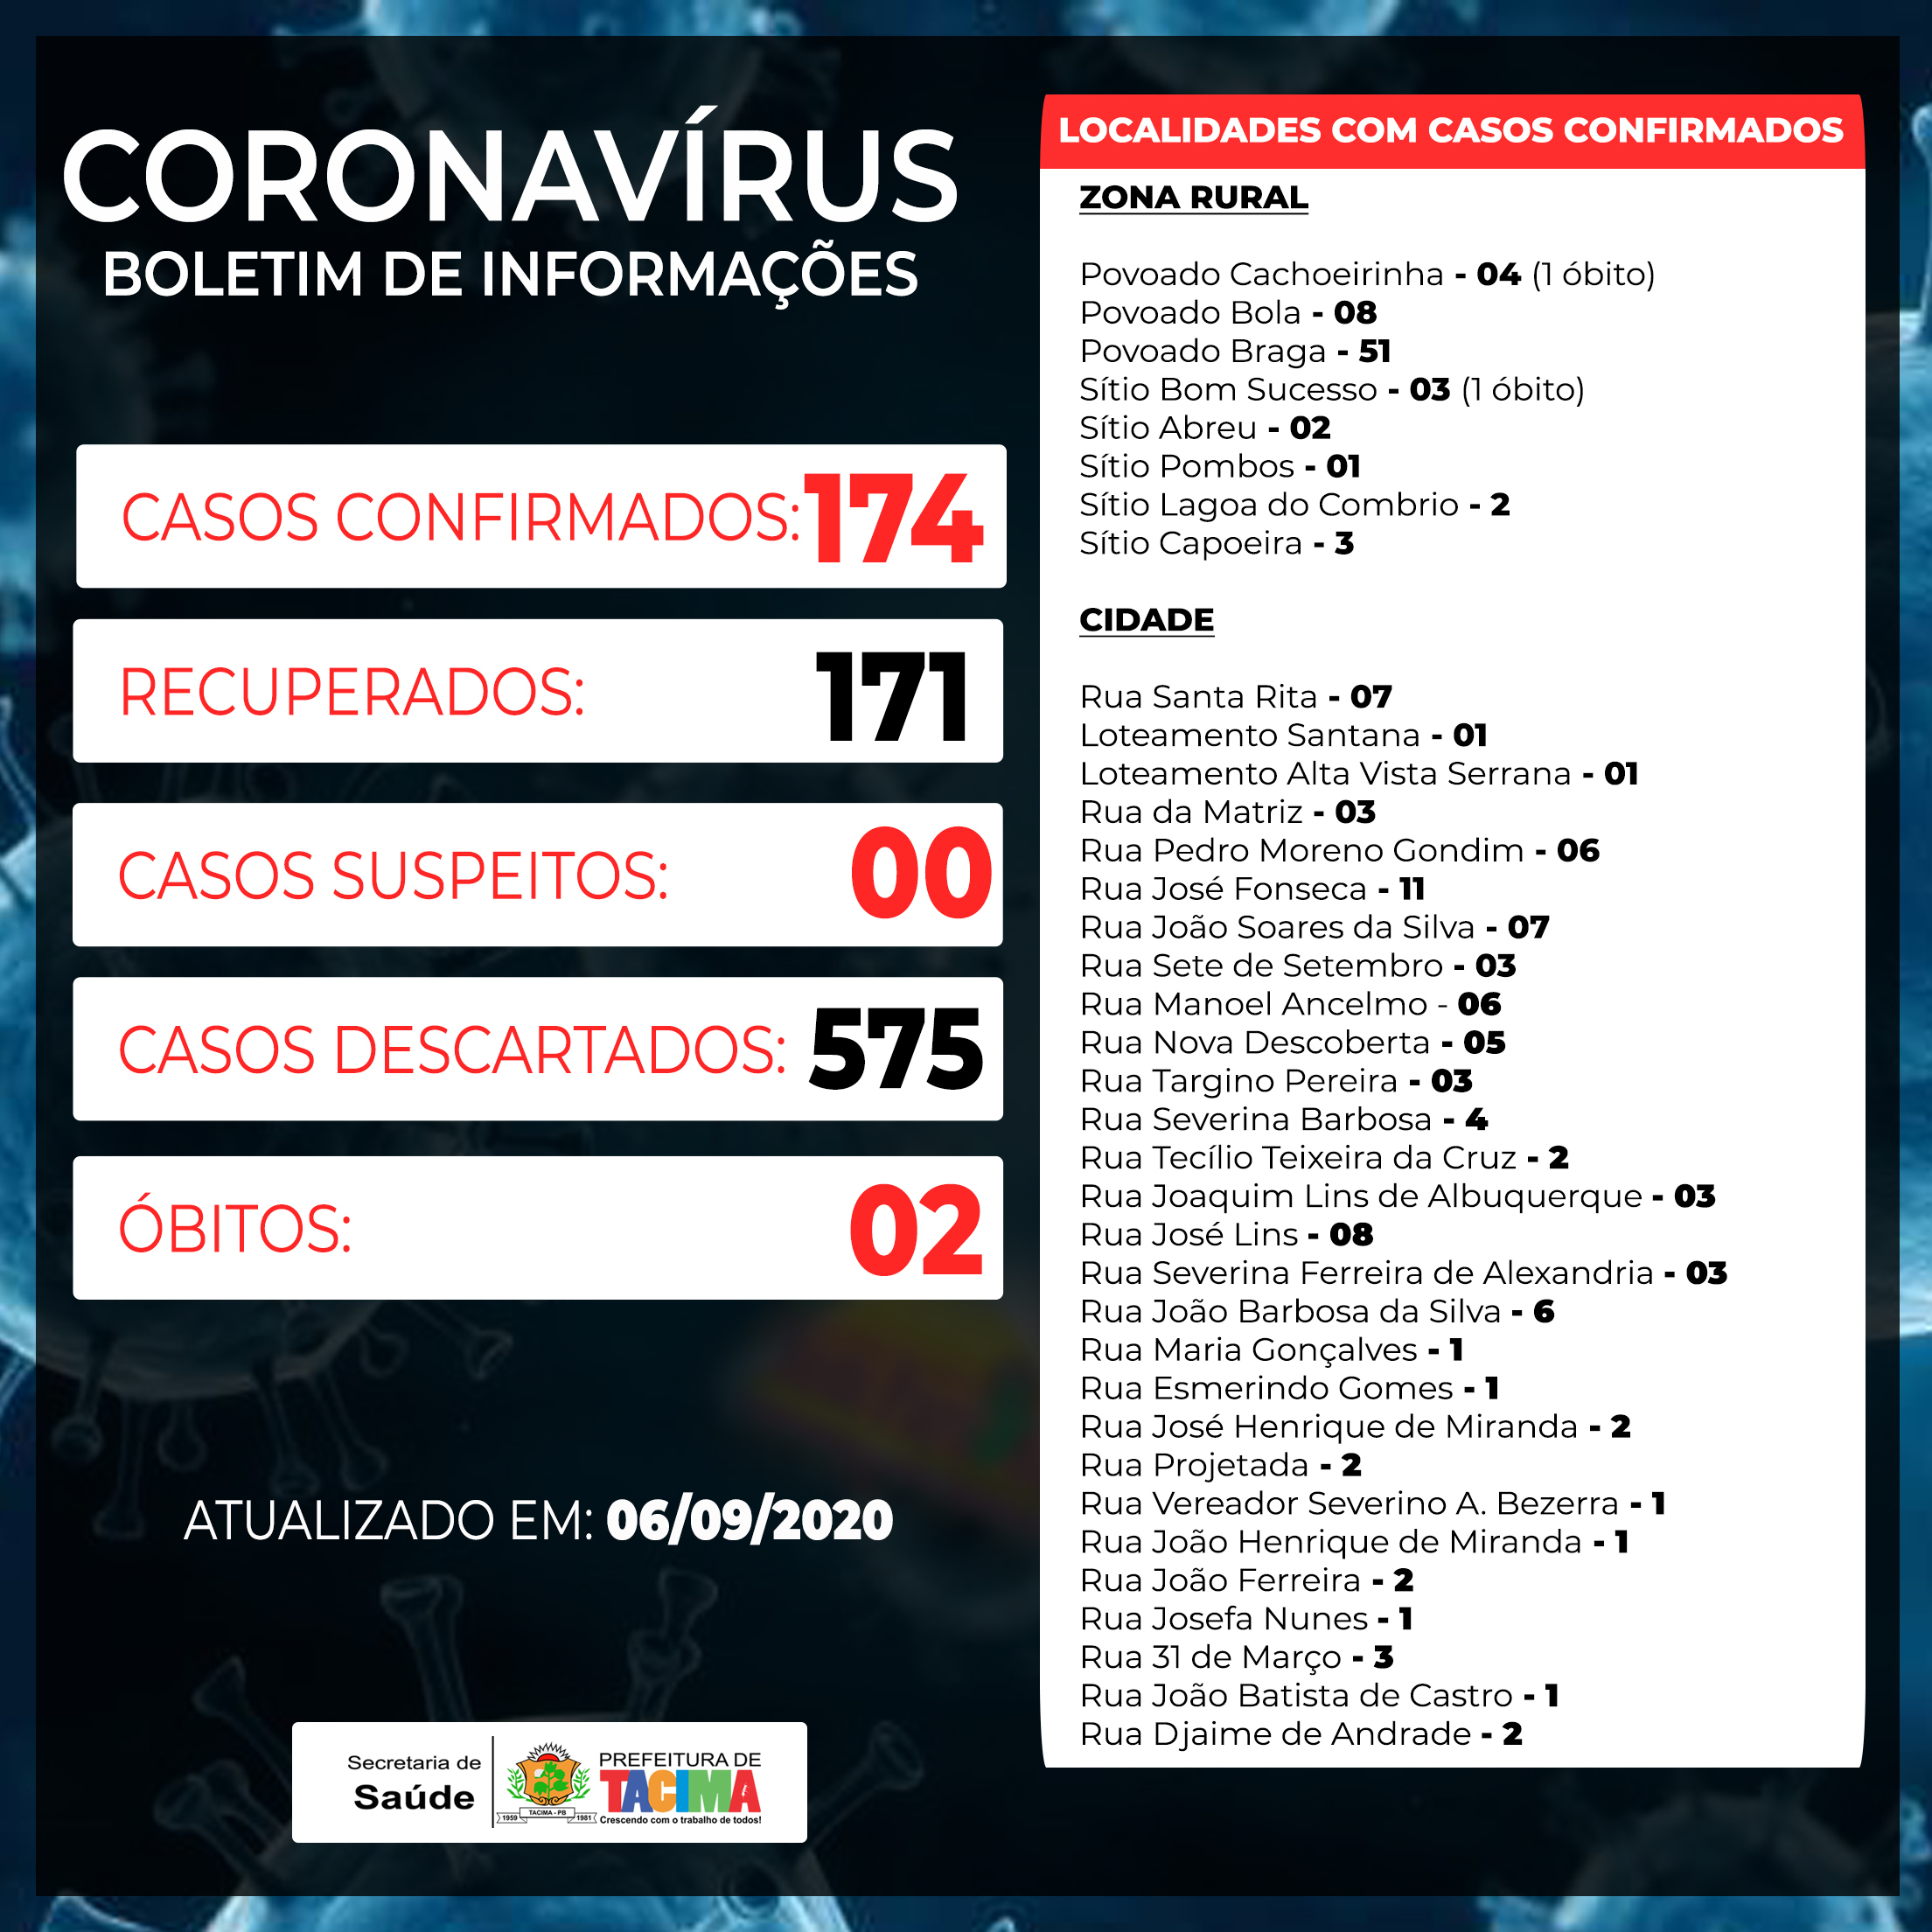 Boletim de informações Covid-19 no município de Tacima de 06 de setembro de 2020